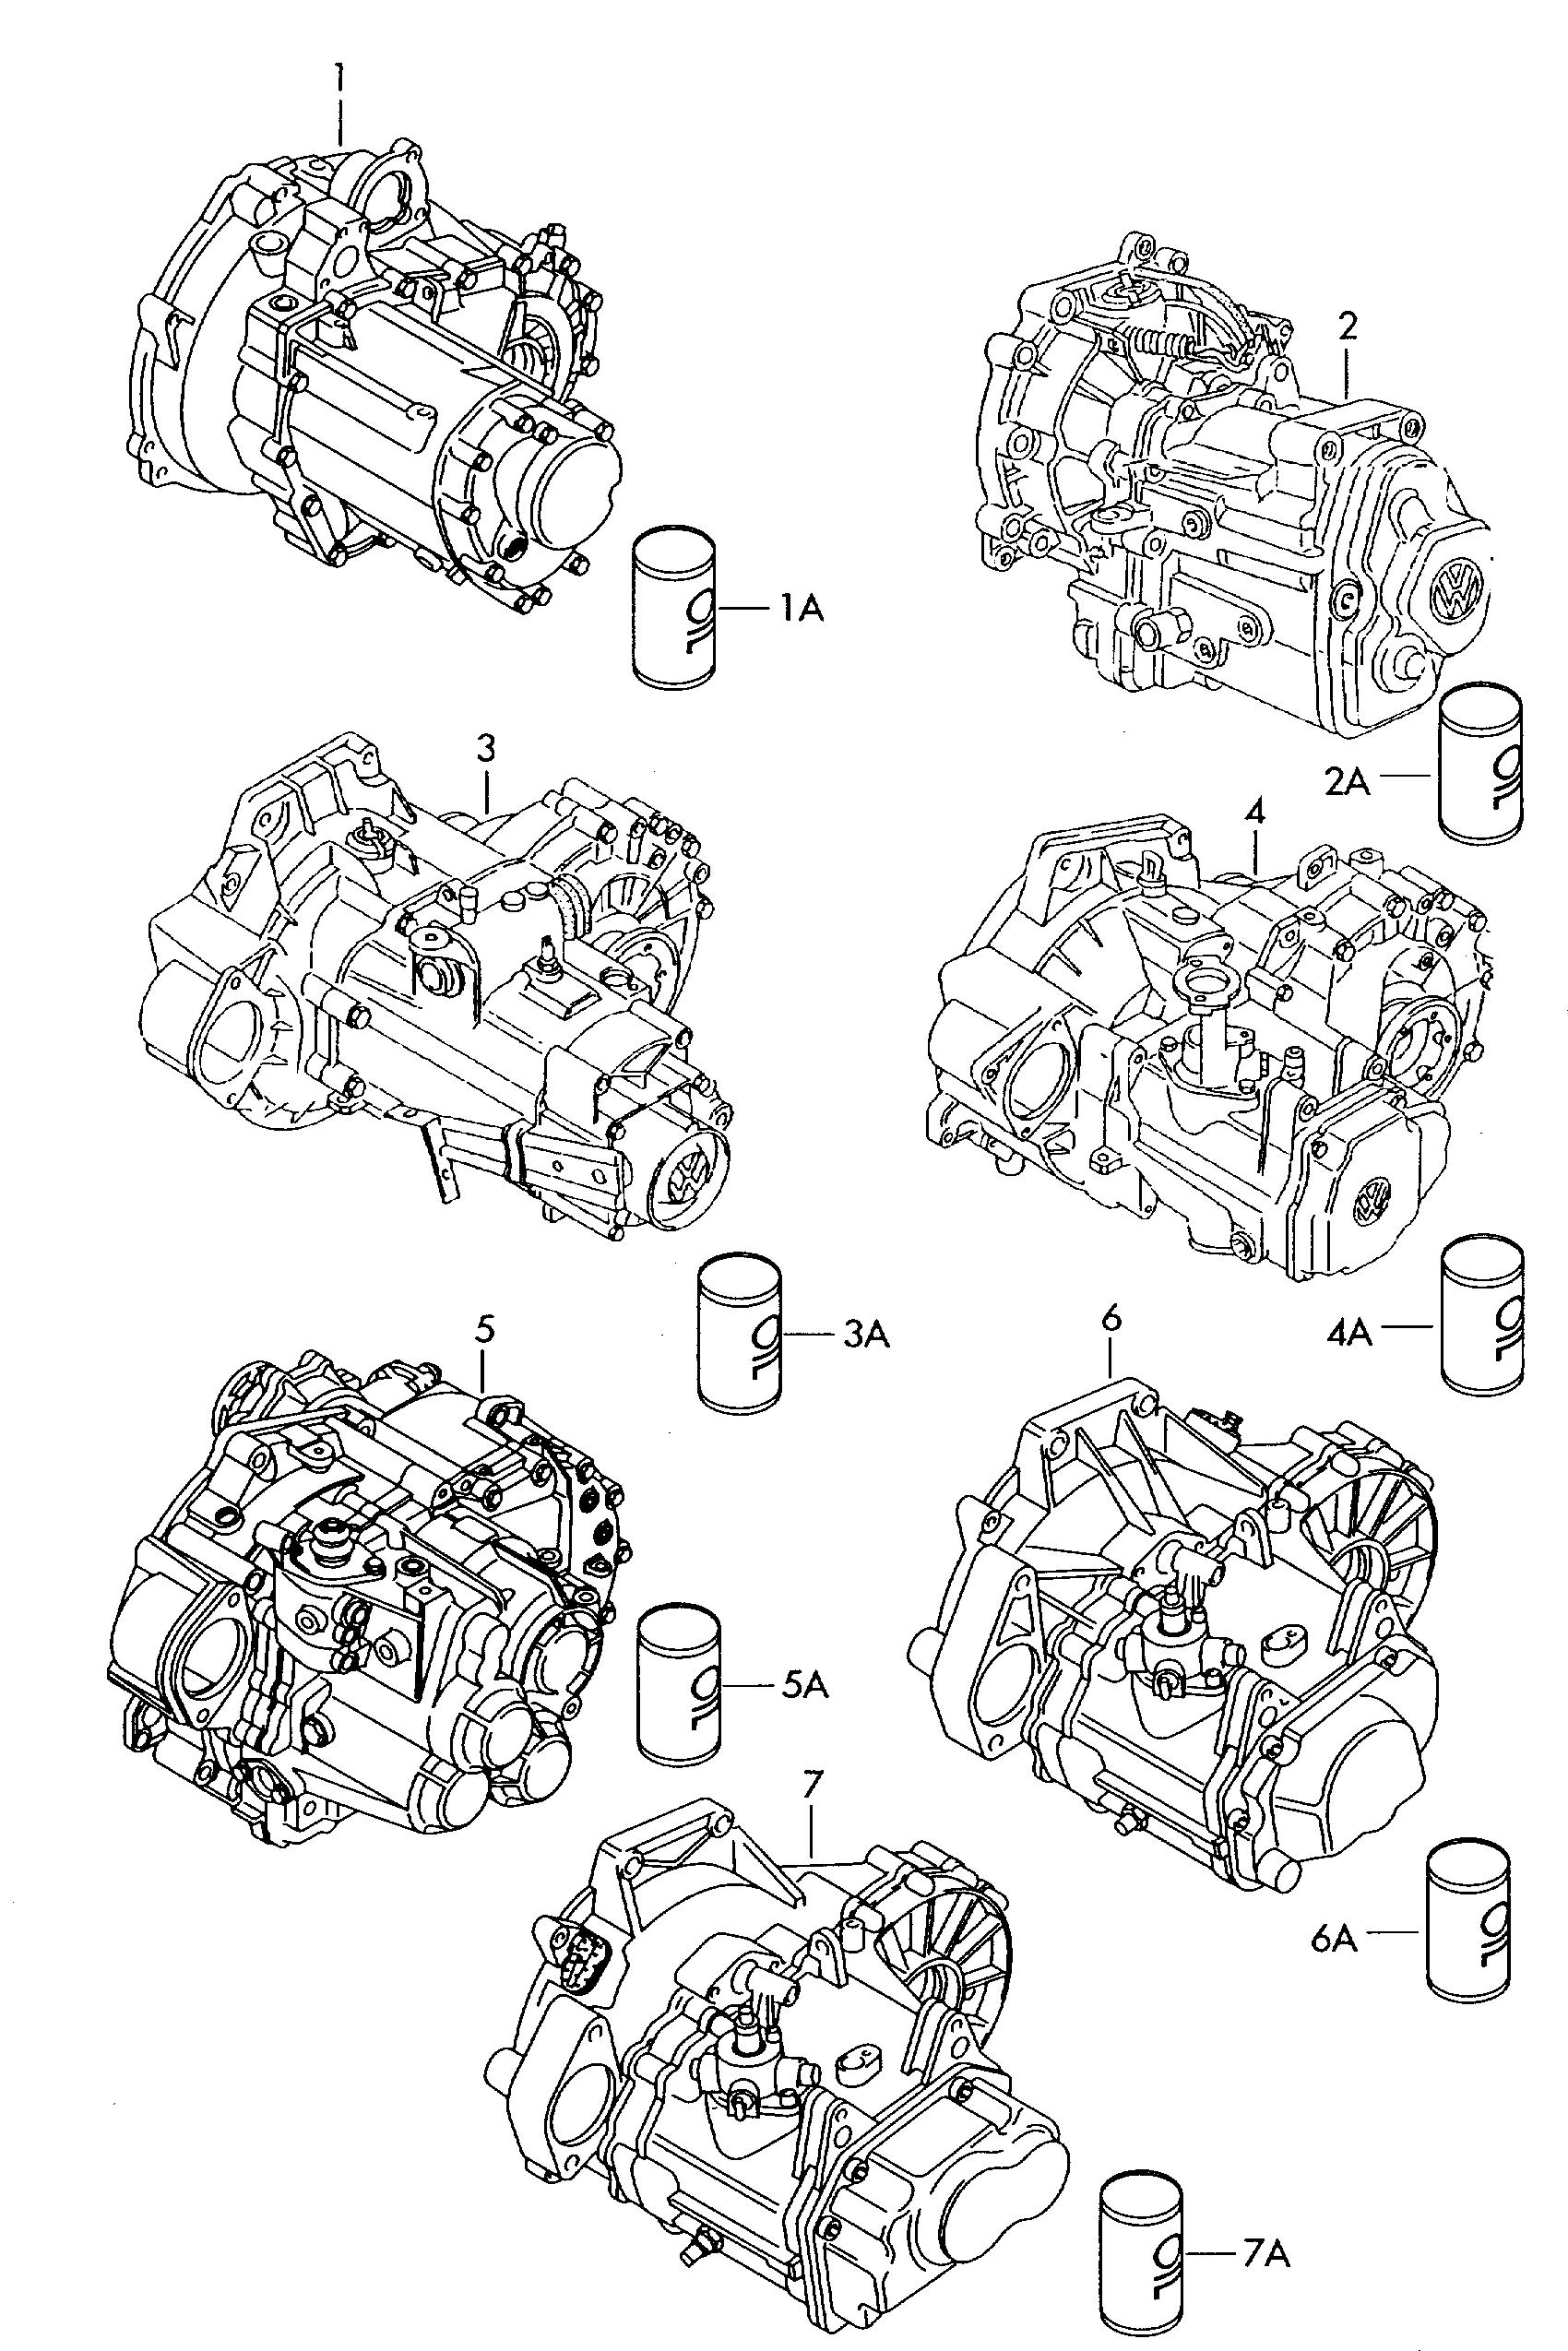 Volkswagen Jetta (1999 - 2001) - 5 & 6 speed manual gearbox